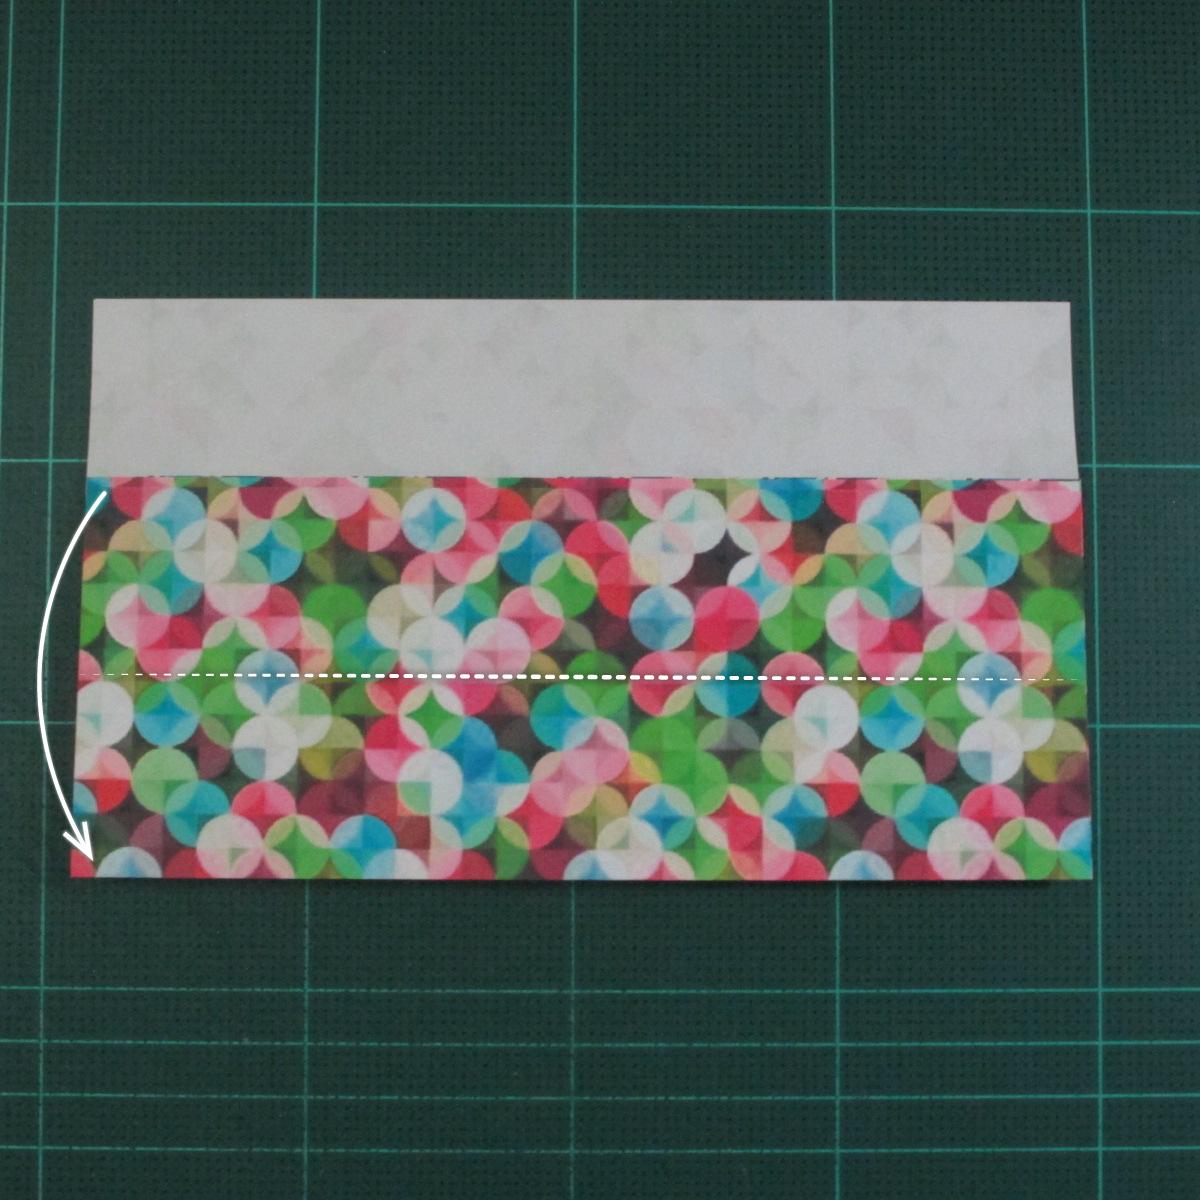 วิธีพับกล่องของขวัญแบบมีฝาปิด (Origami Present Box With Lid) 006